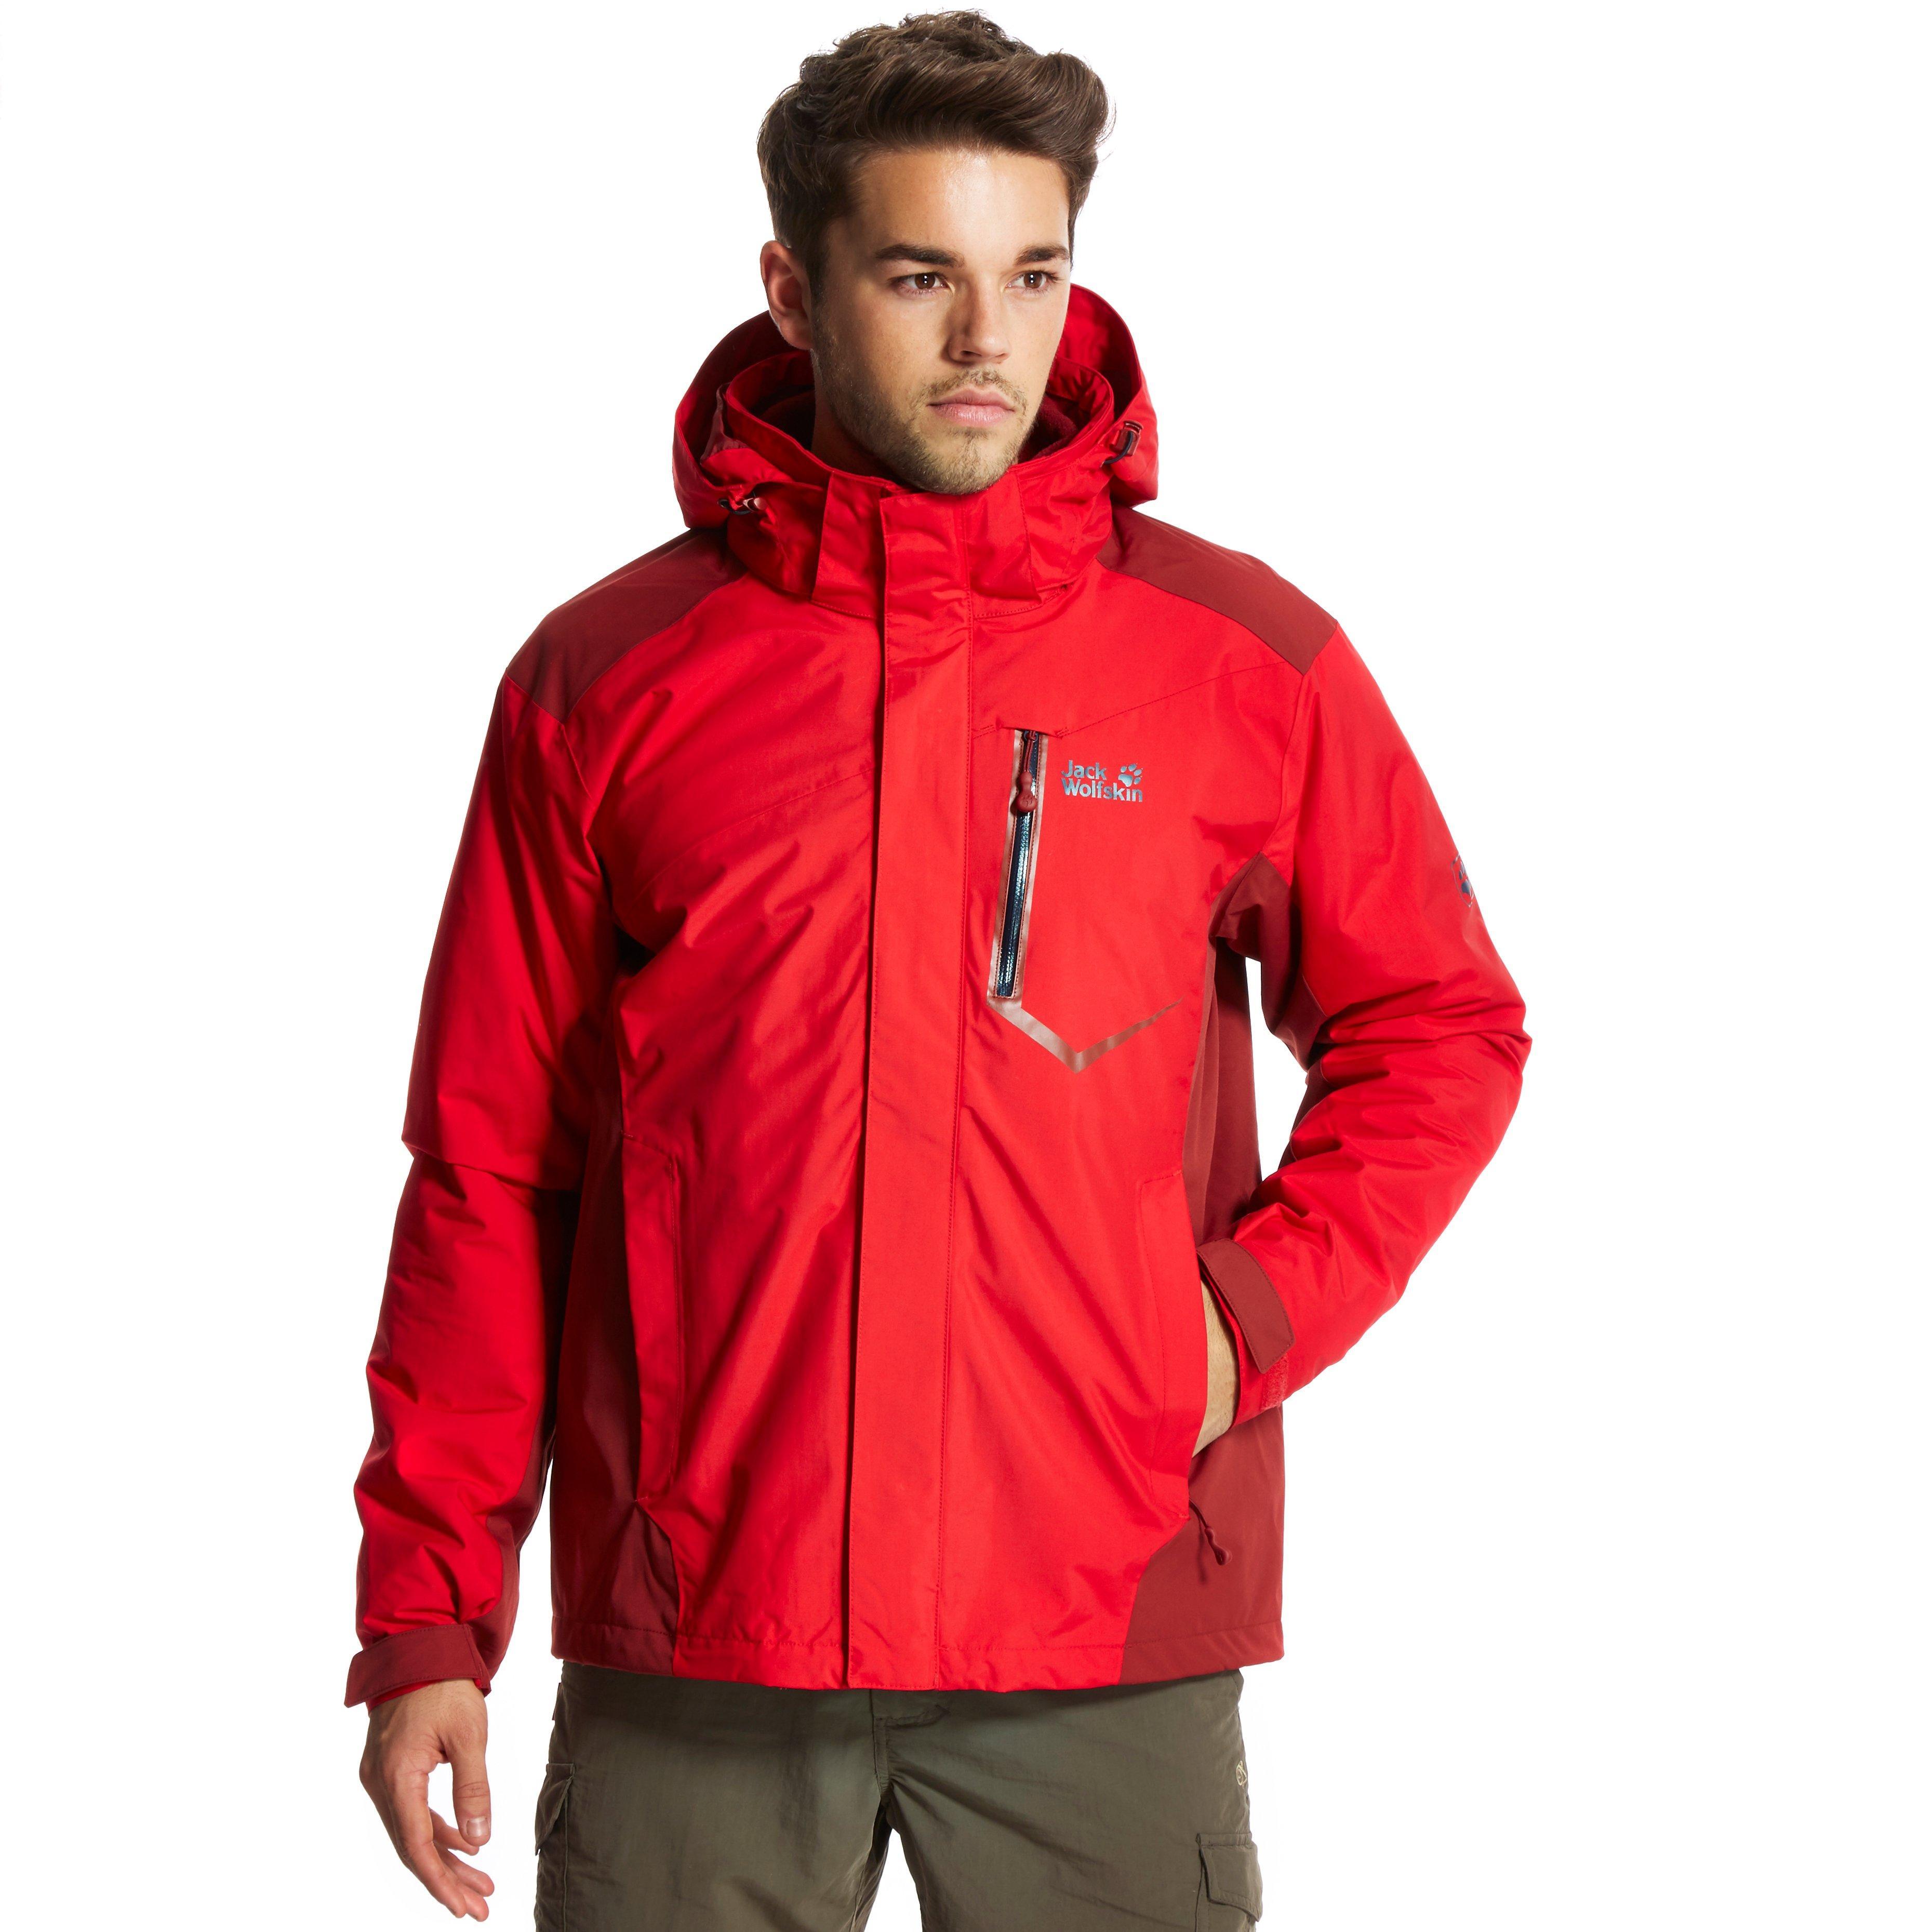 jack wolfskin men 39 s prisma 3 in 1 jacket red ebay. Black Bedroom Furniture Sets. Home Design Ideas